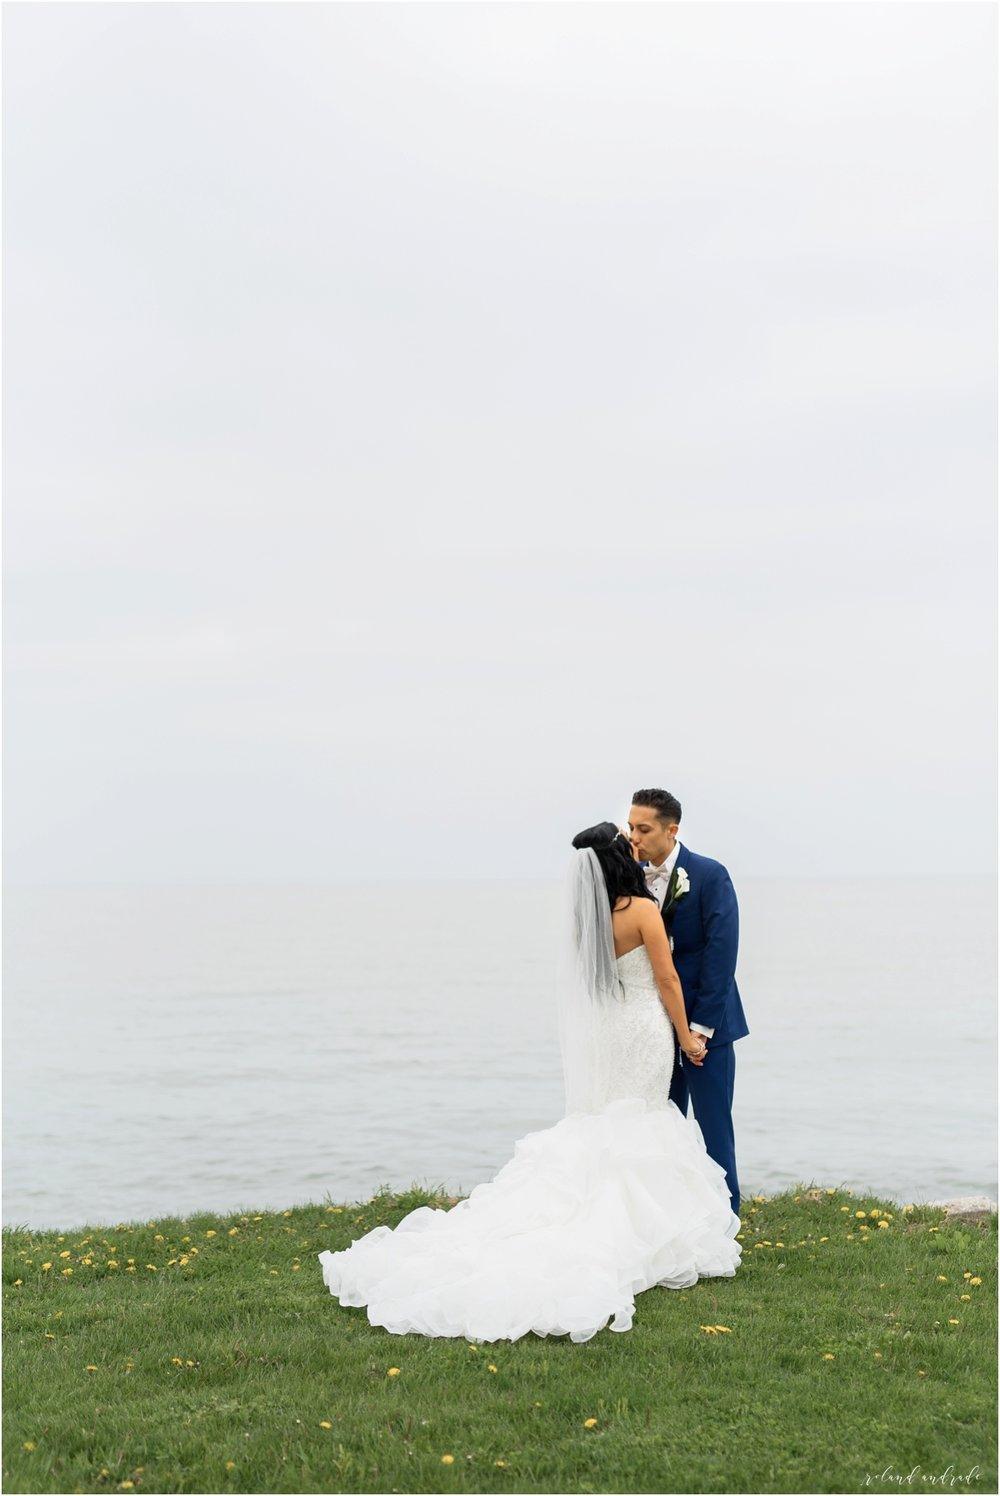 Italian American Society Wedding in Kenosha Wisconsin, Kenosha Wisconsin Wedding Photographer, Chicago Wedding Photography Kenosha Mexican Italian Wedding_0043.jpg